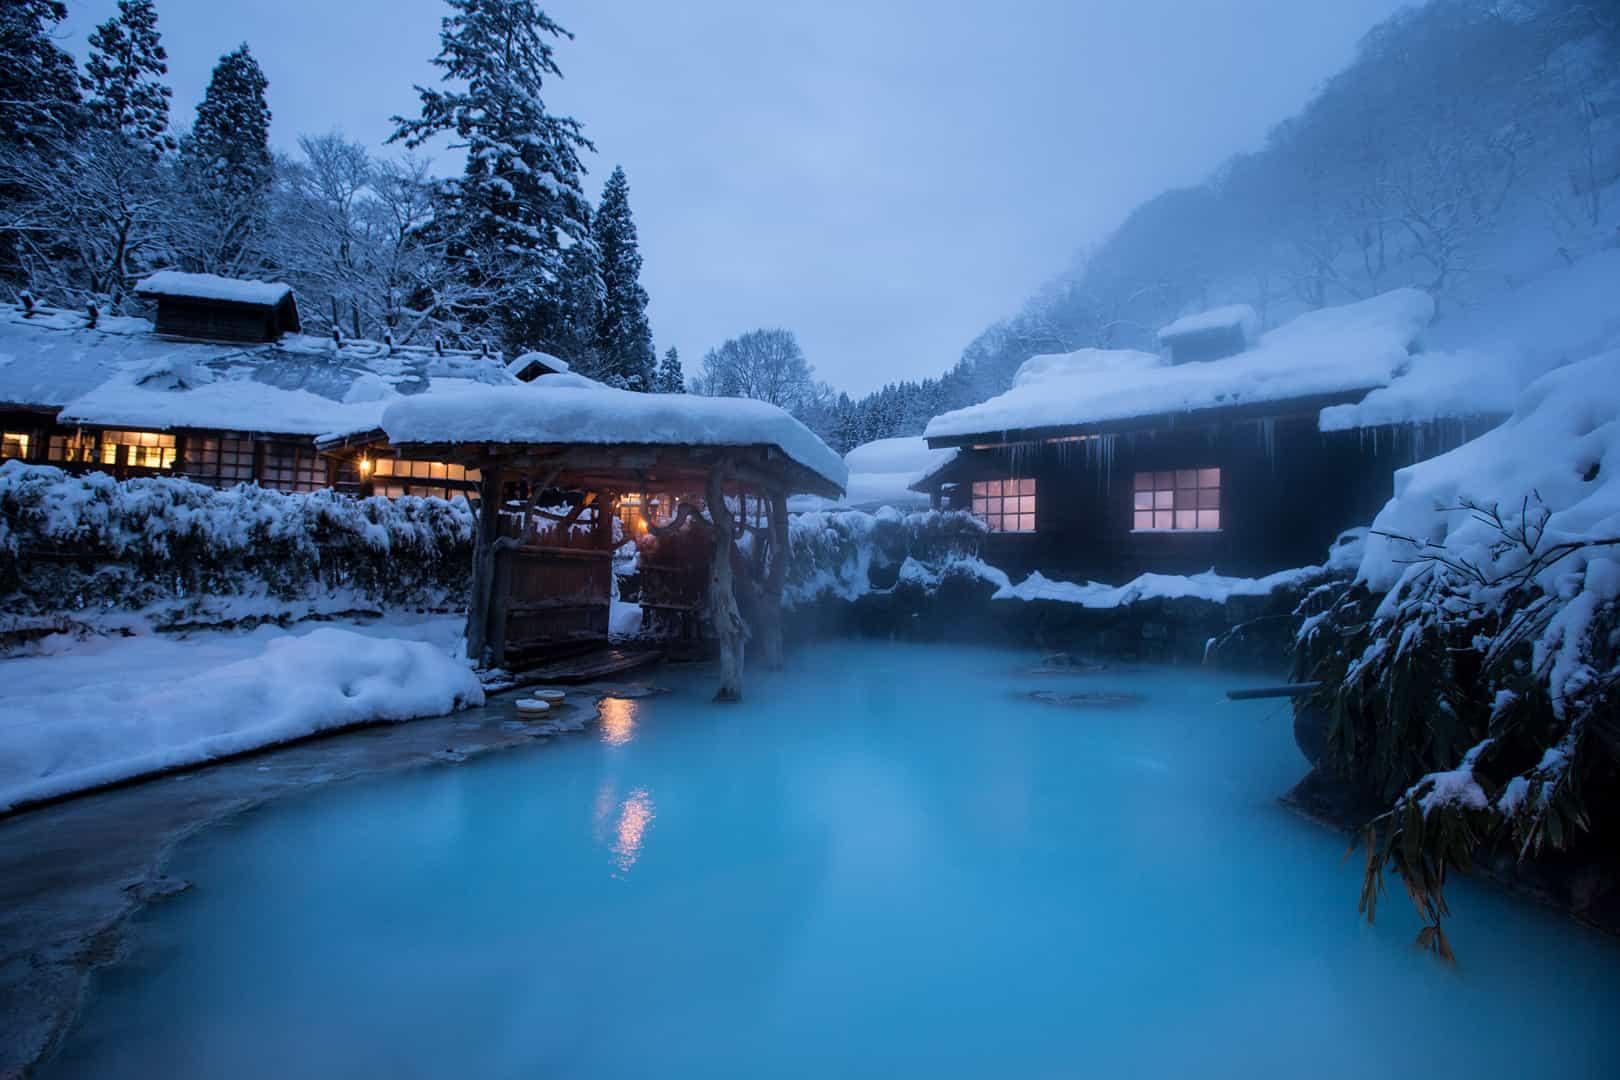 แช่ออนเซ็น ใน ฤดูหนาว ที่ภูมิภาค โทโฮคุ